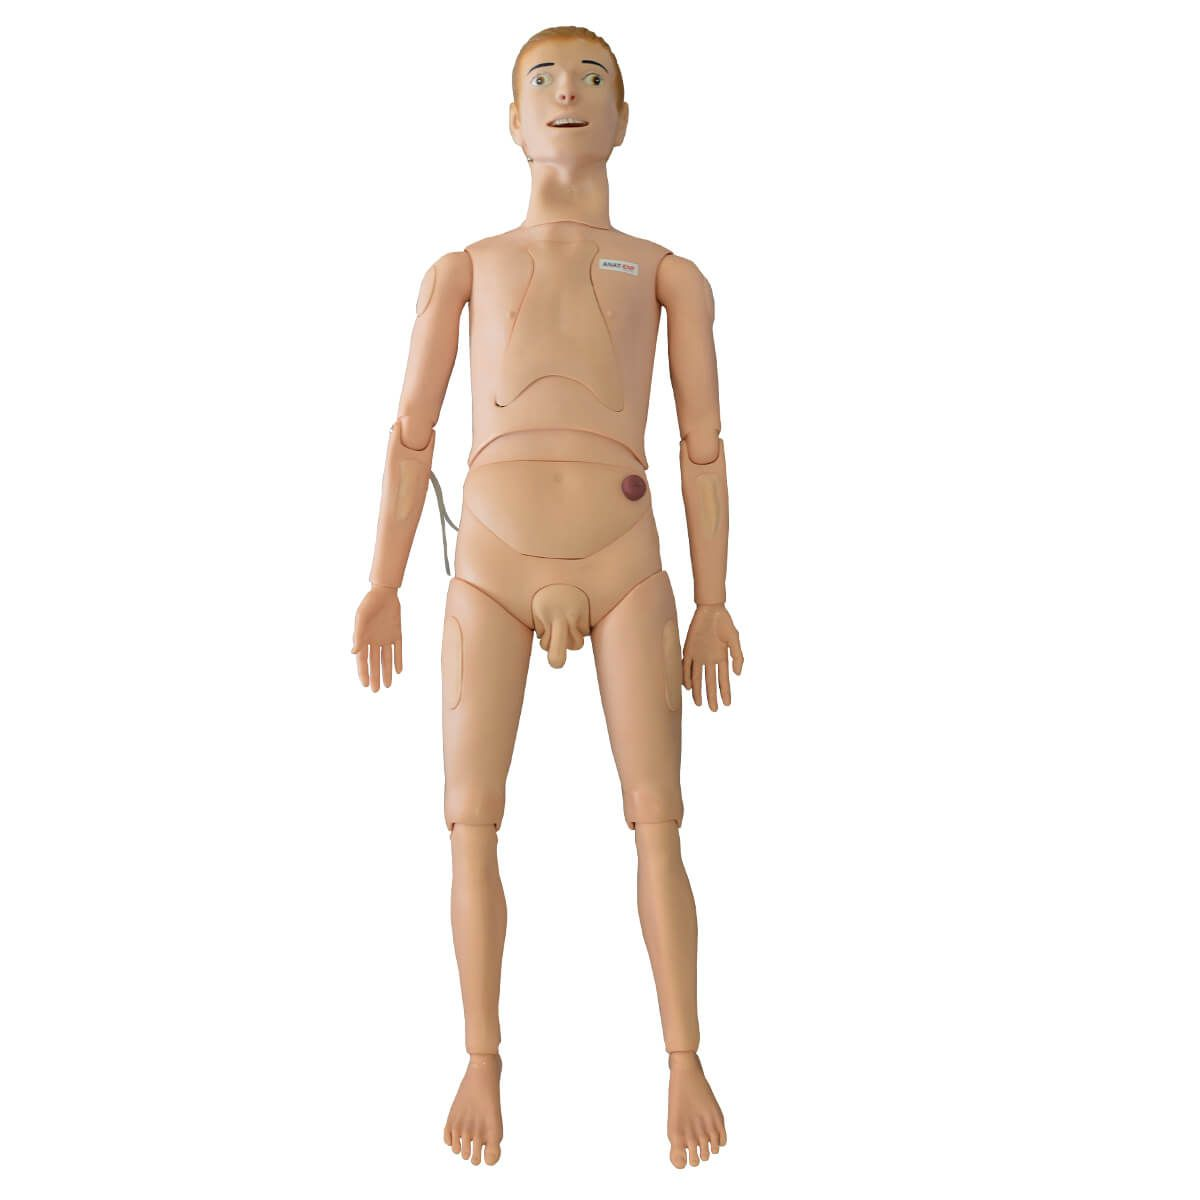 Manequim Adulto Bissexual, com Órgãos Internos para Treino de Enfermagem